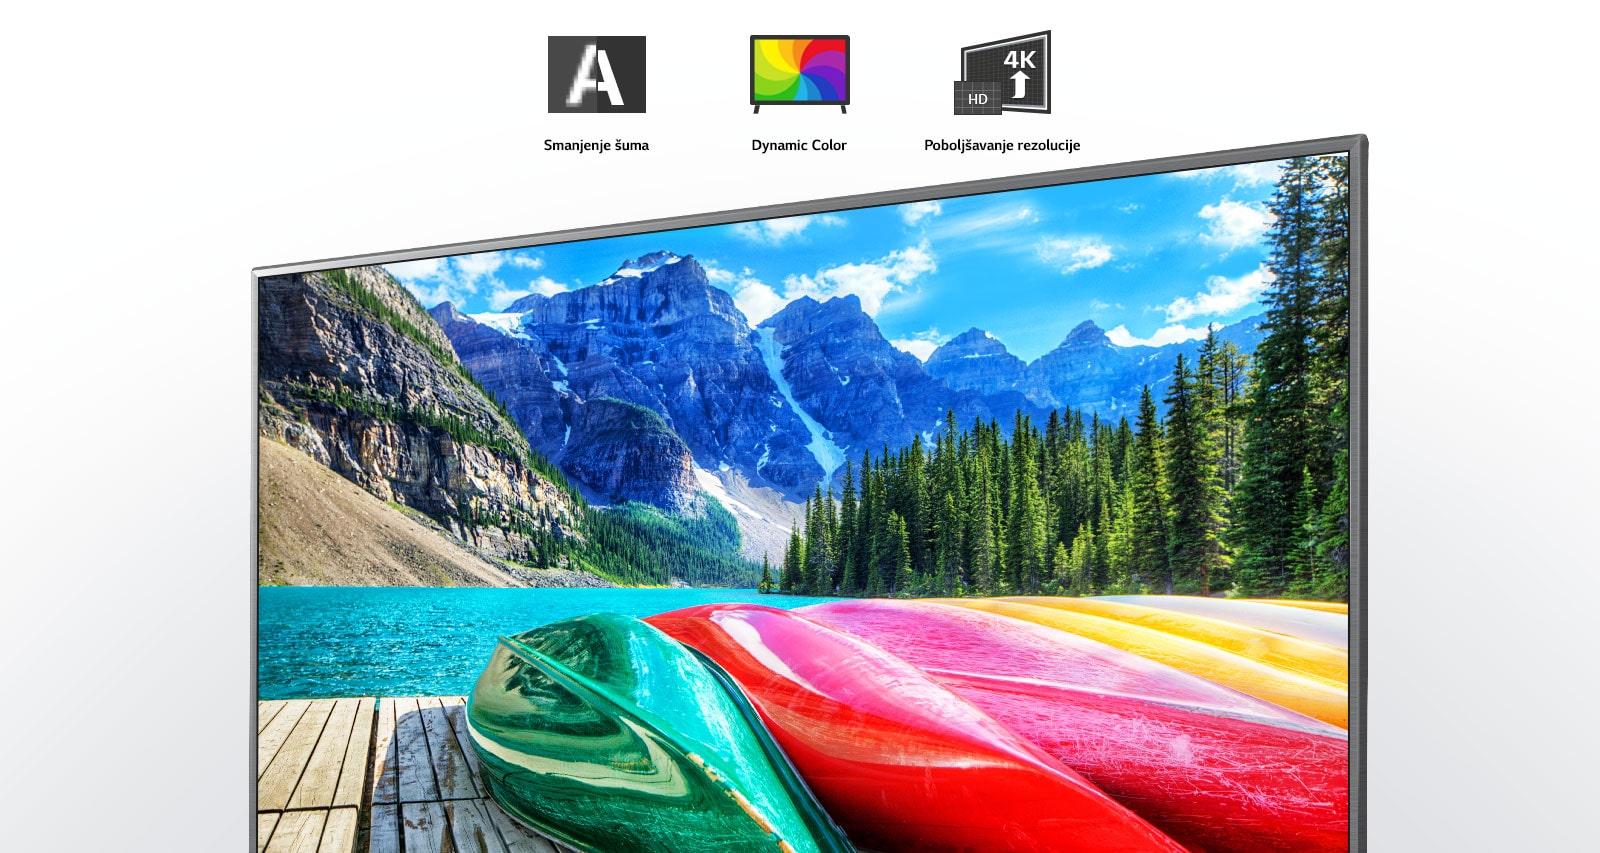 Smanjenje šuma, dinamičke boje i poboljšanje rezolucije ikonica i TV ekran koji prikazuje pejzaž sa planinama, šumom i jezerom.